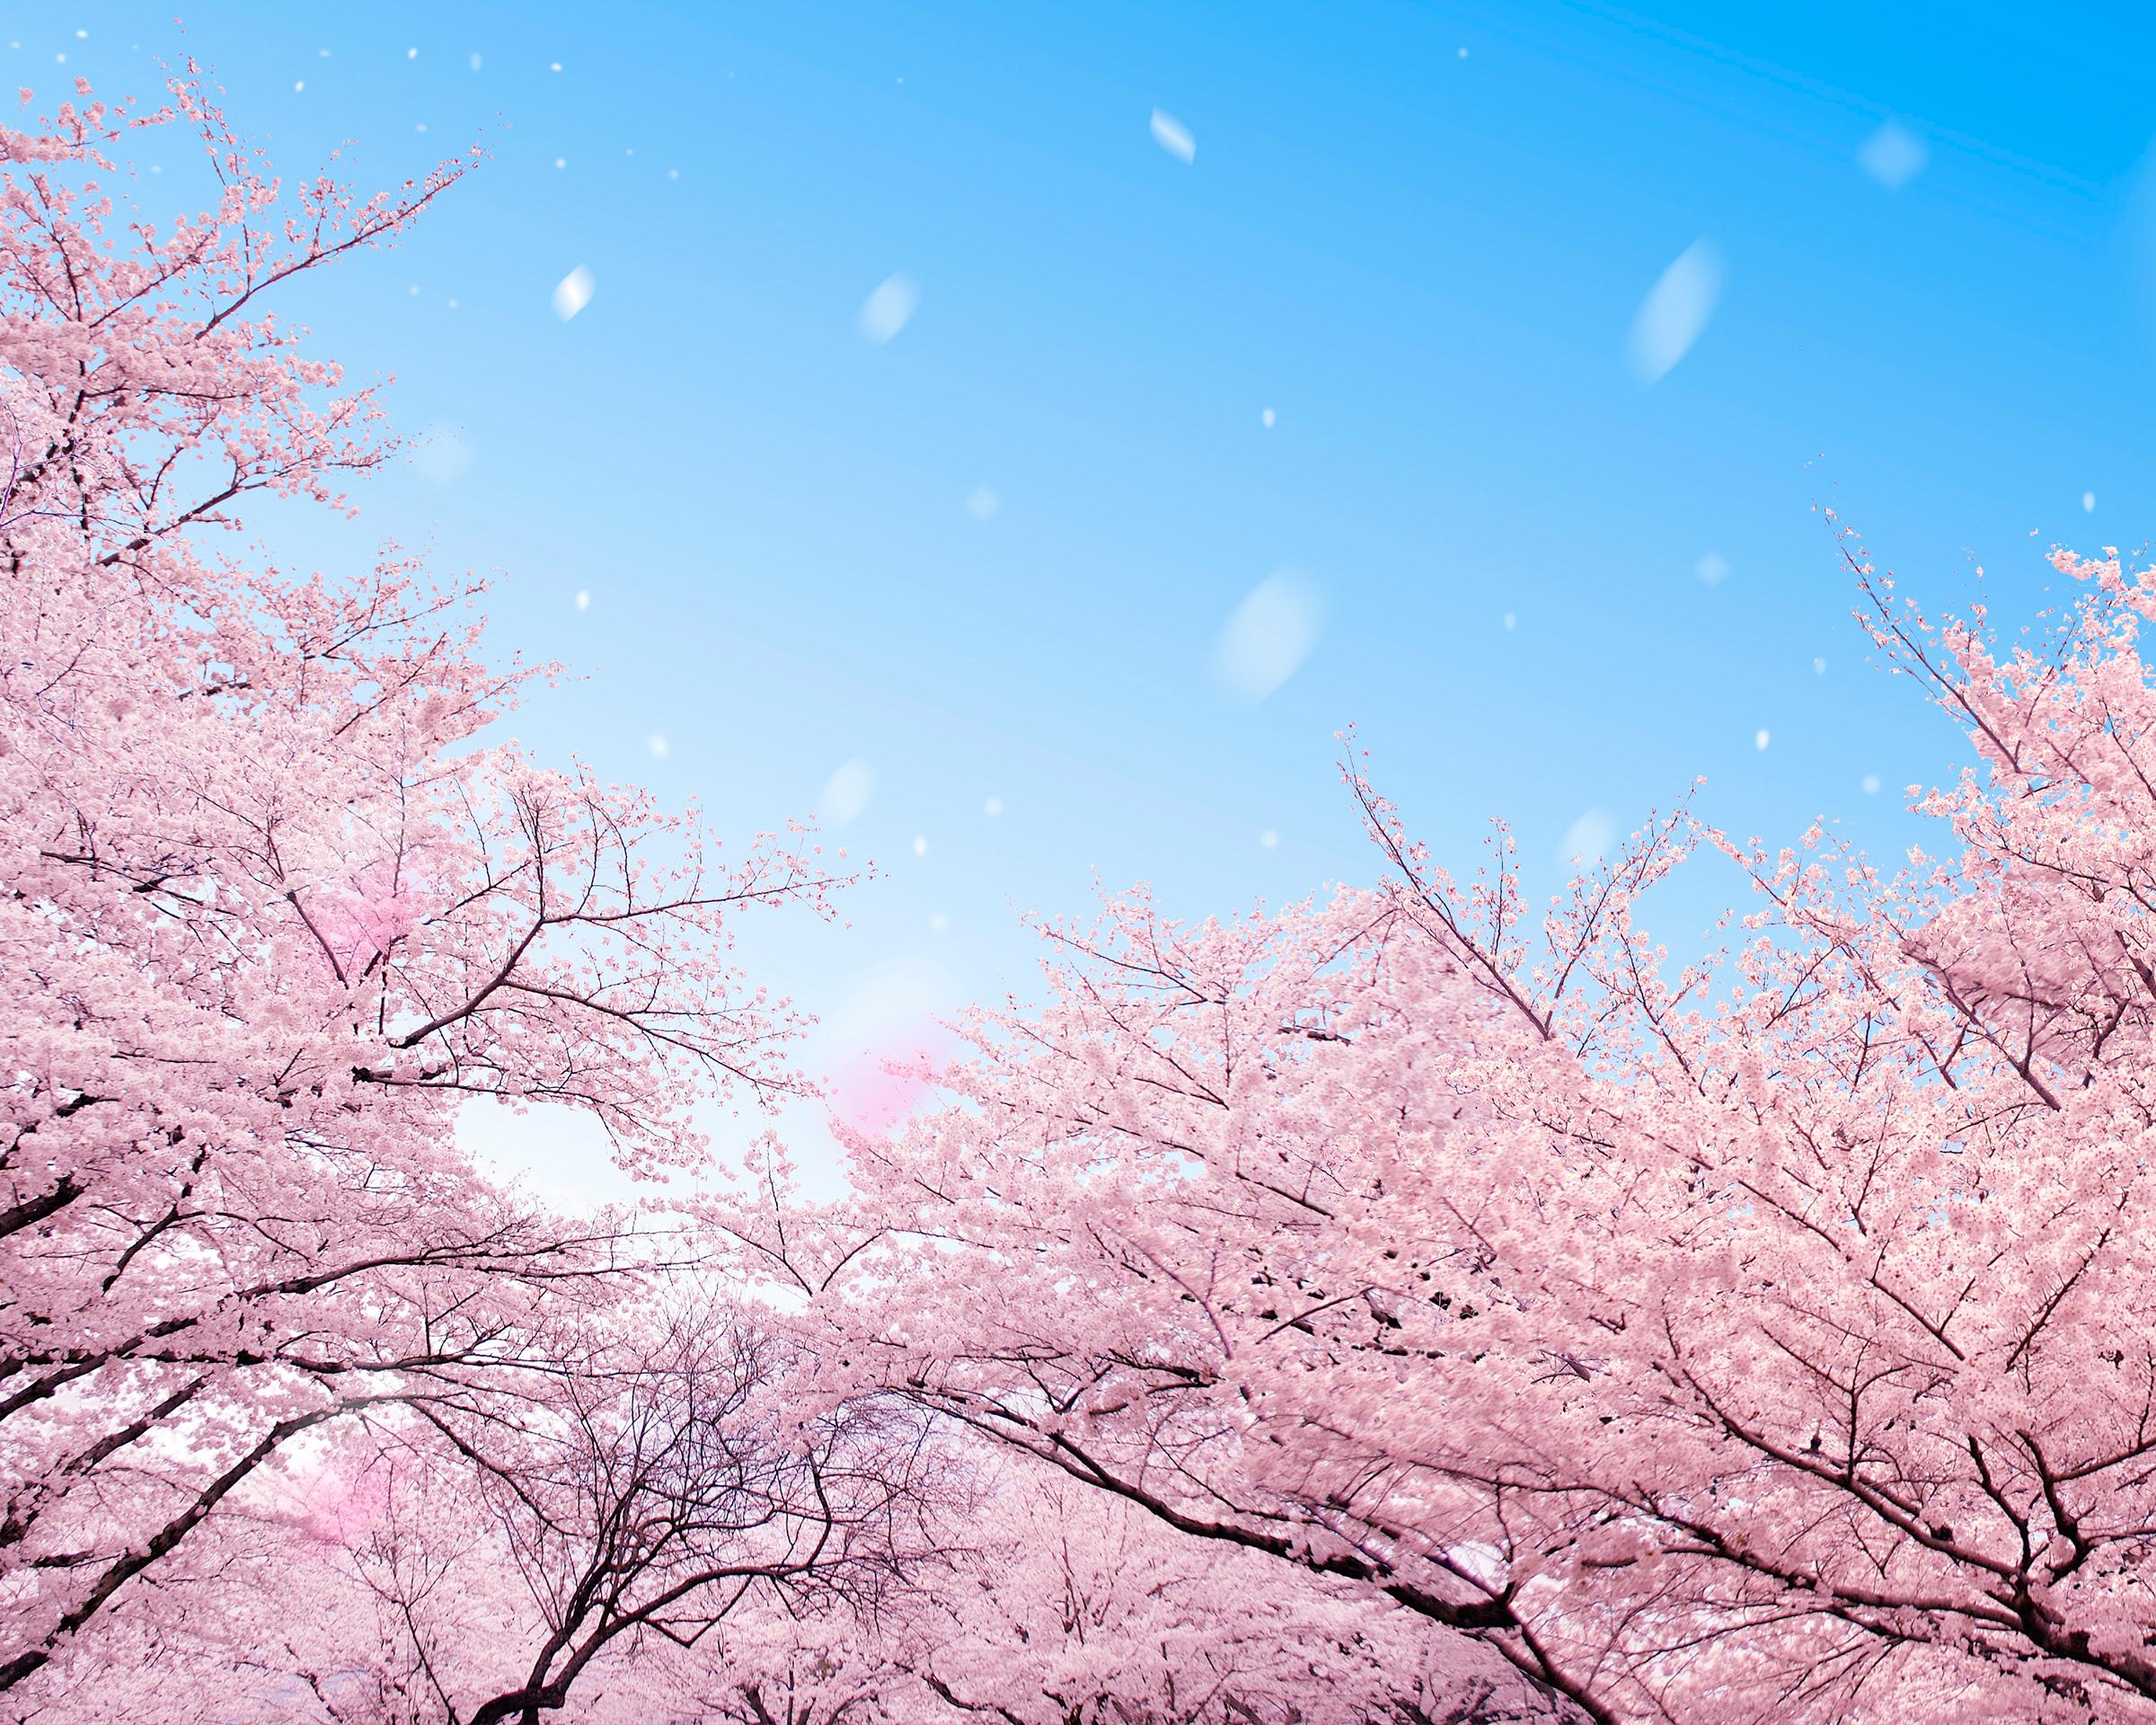 桜の季節 タブレット用 ダウンロード シャープ スマートフォン公式サイト Shshow